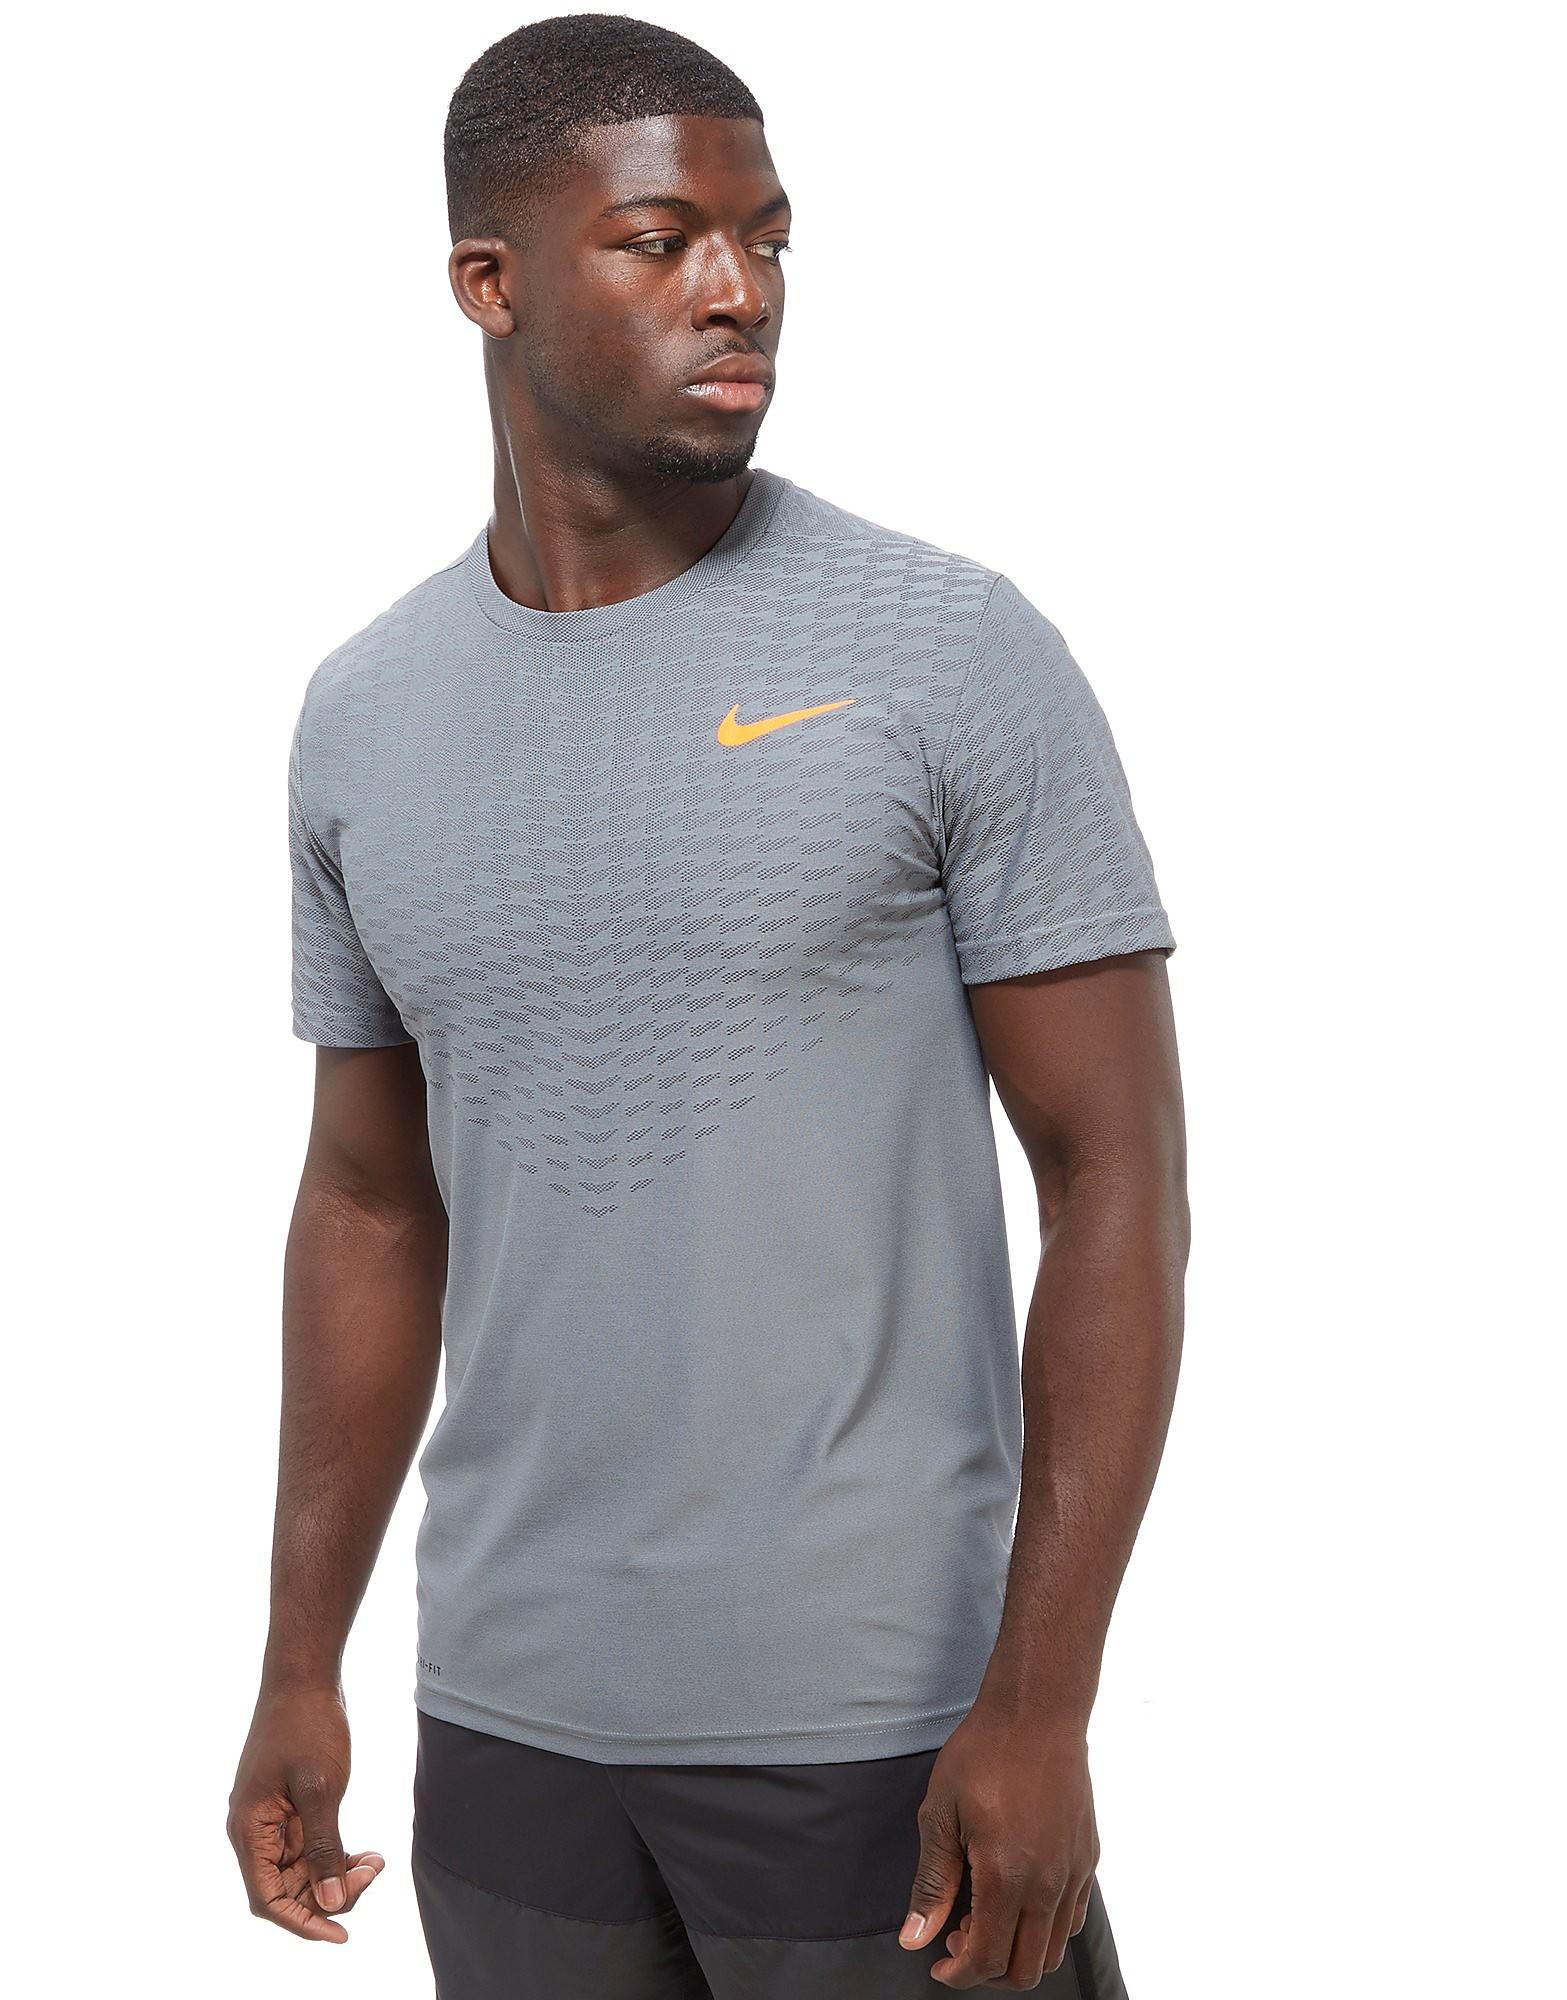 Nike Zonal Cooling T-Shirt Grey